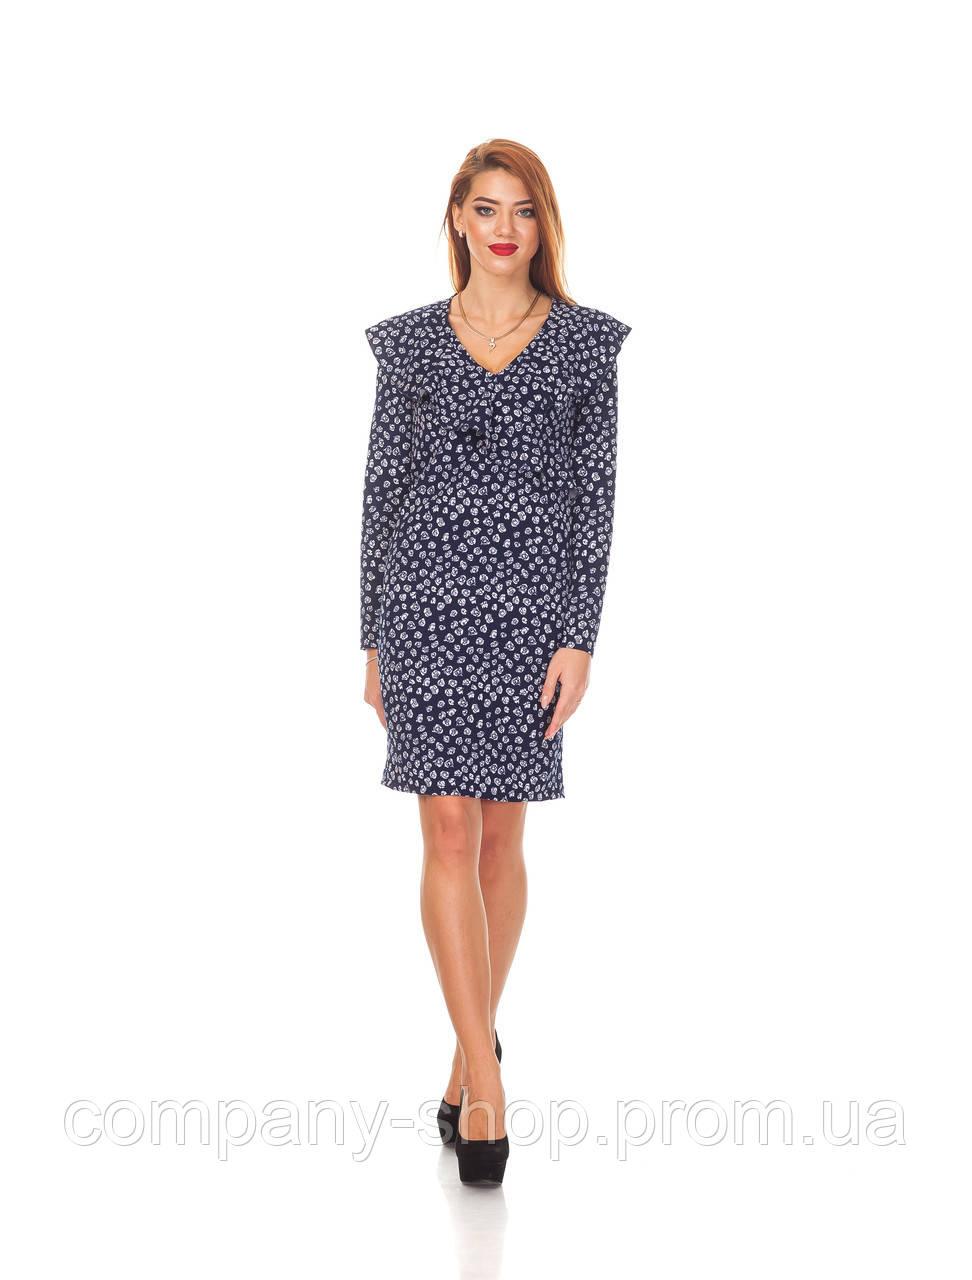 Женское платье с рюшей. П131_цветы на синем